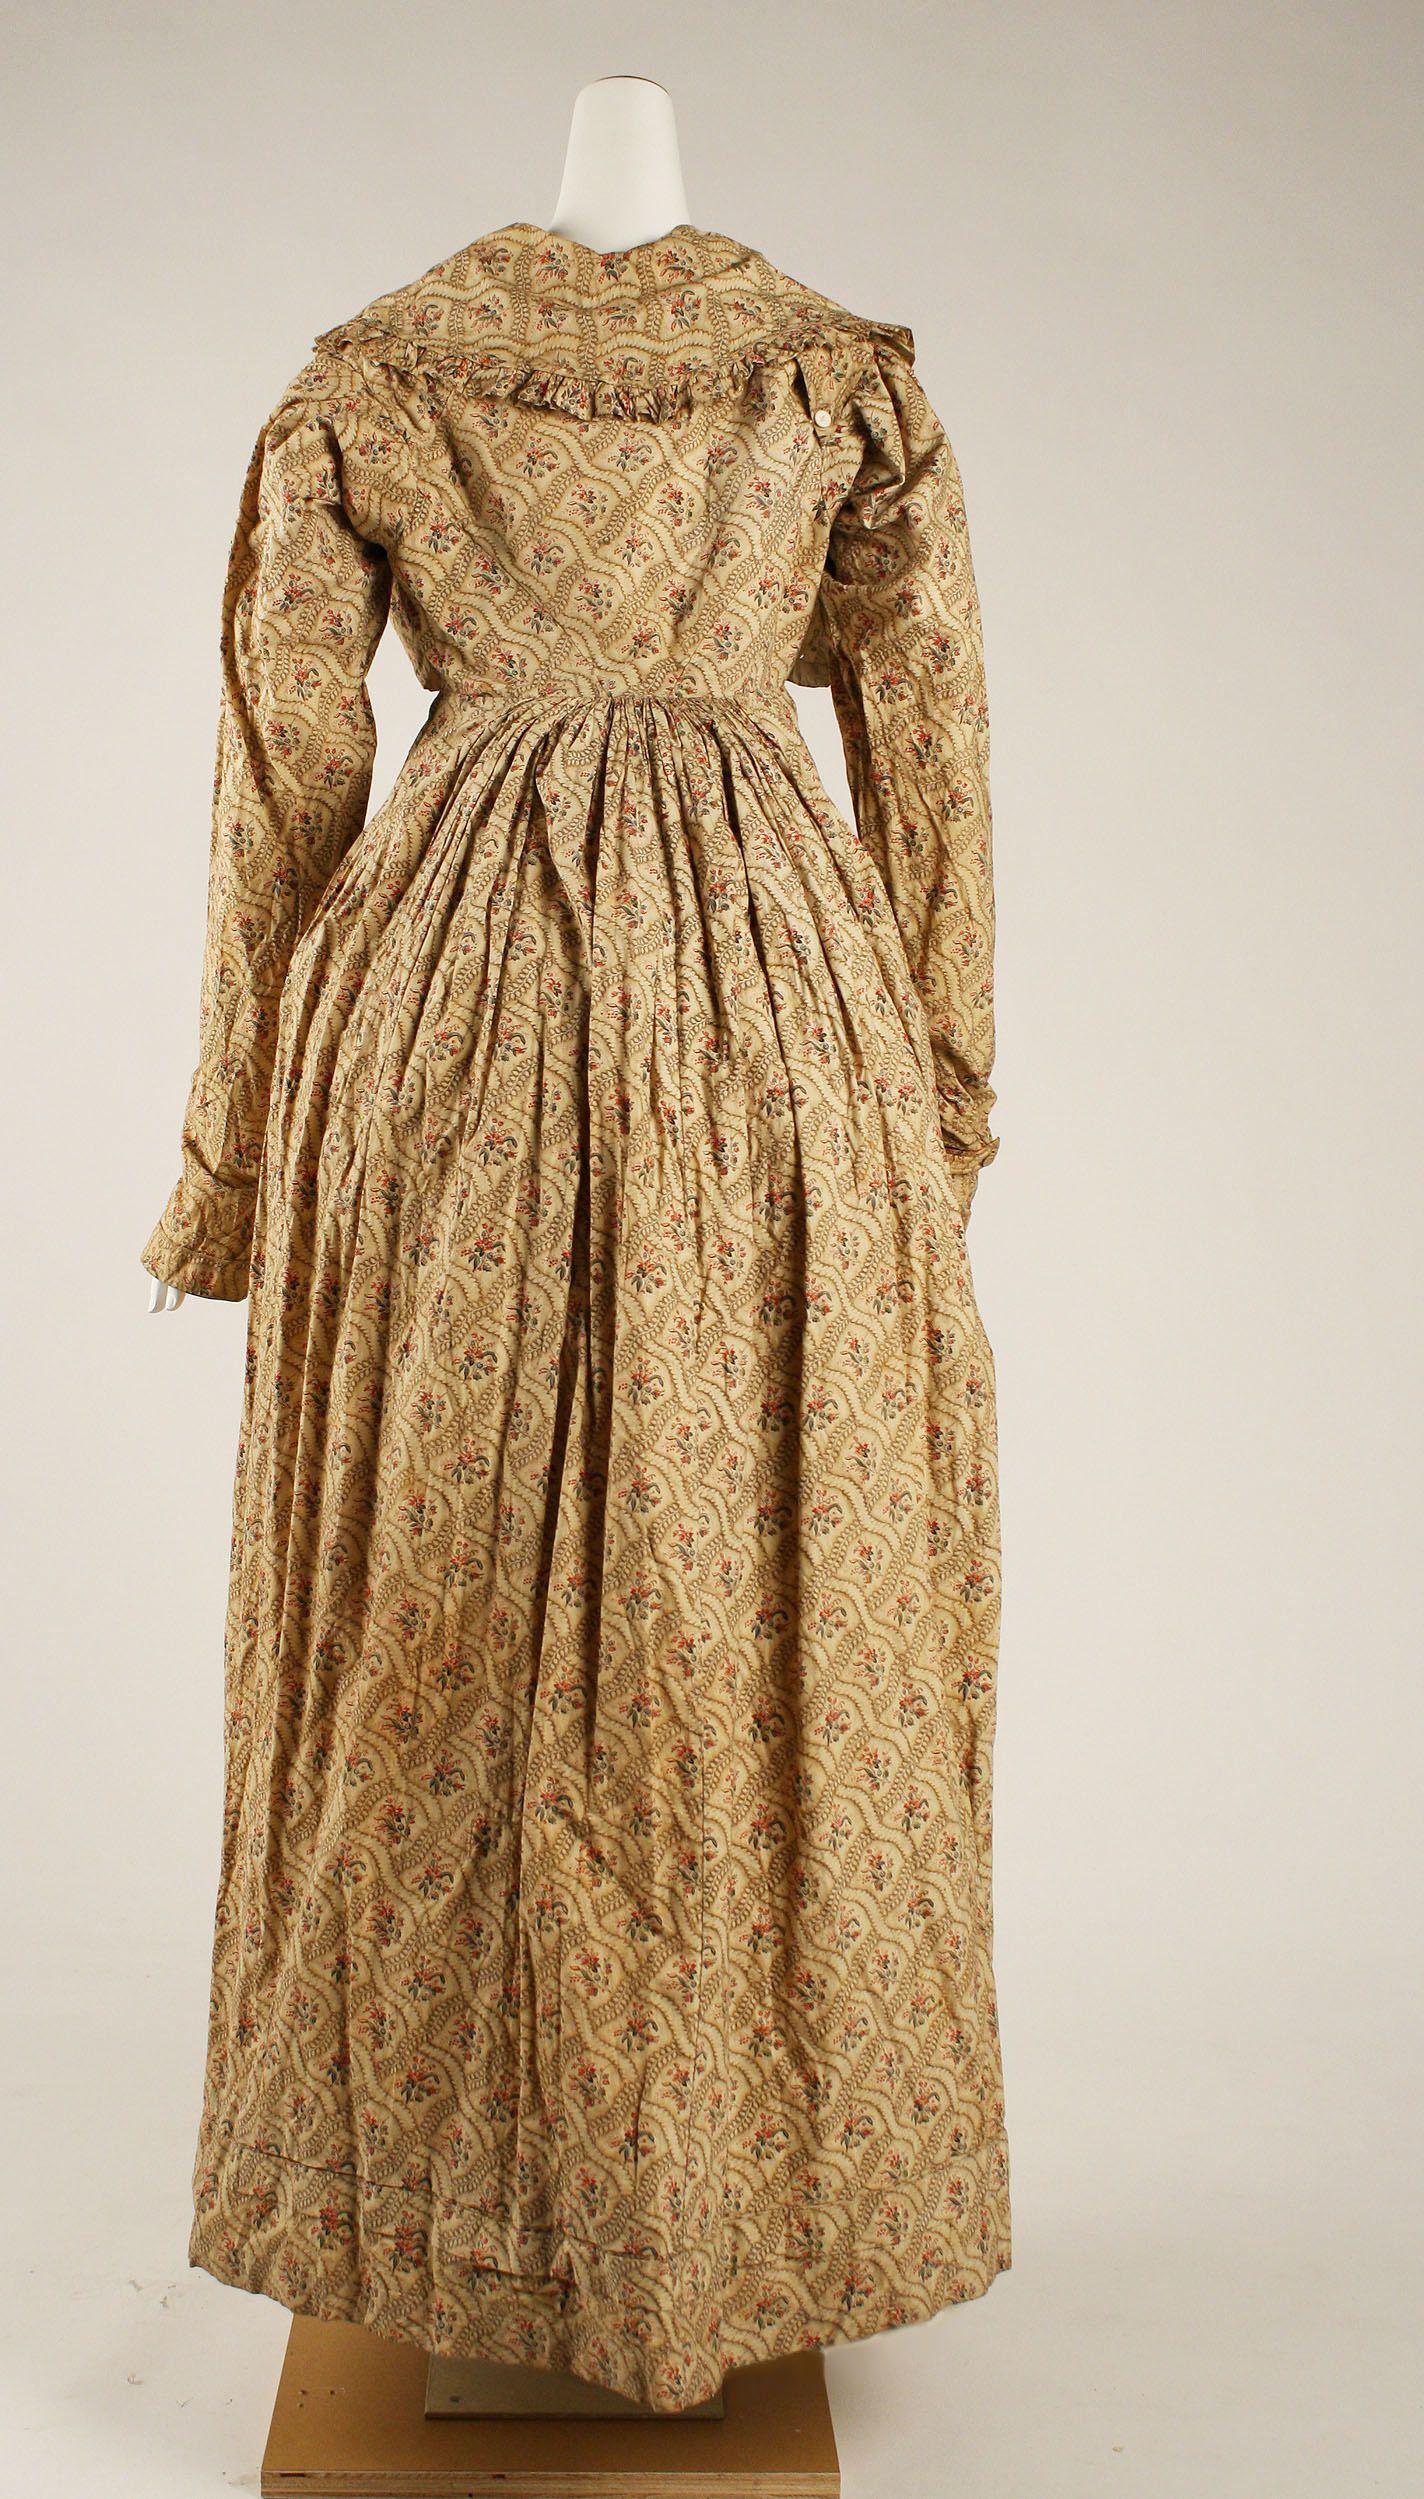 1818 Dress | British | The Metropolitan Museum of Art